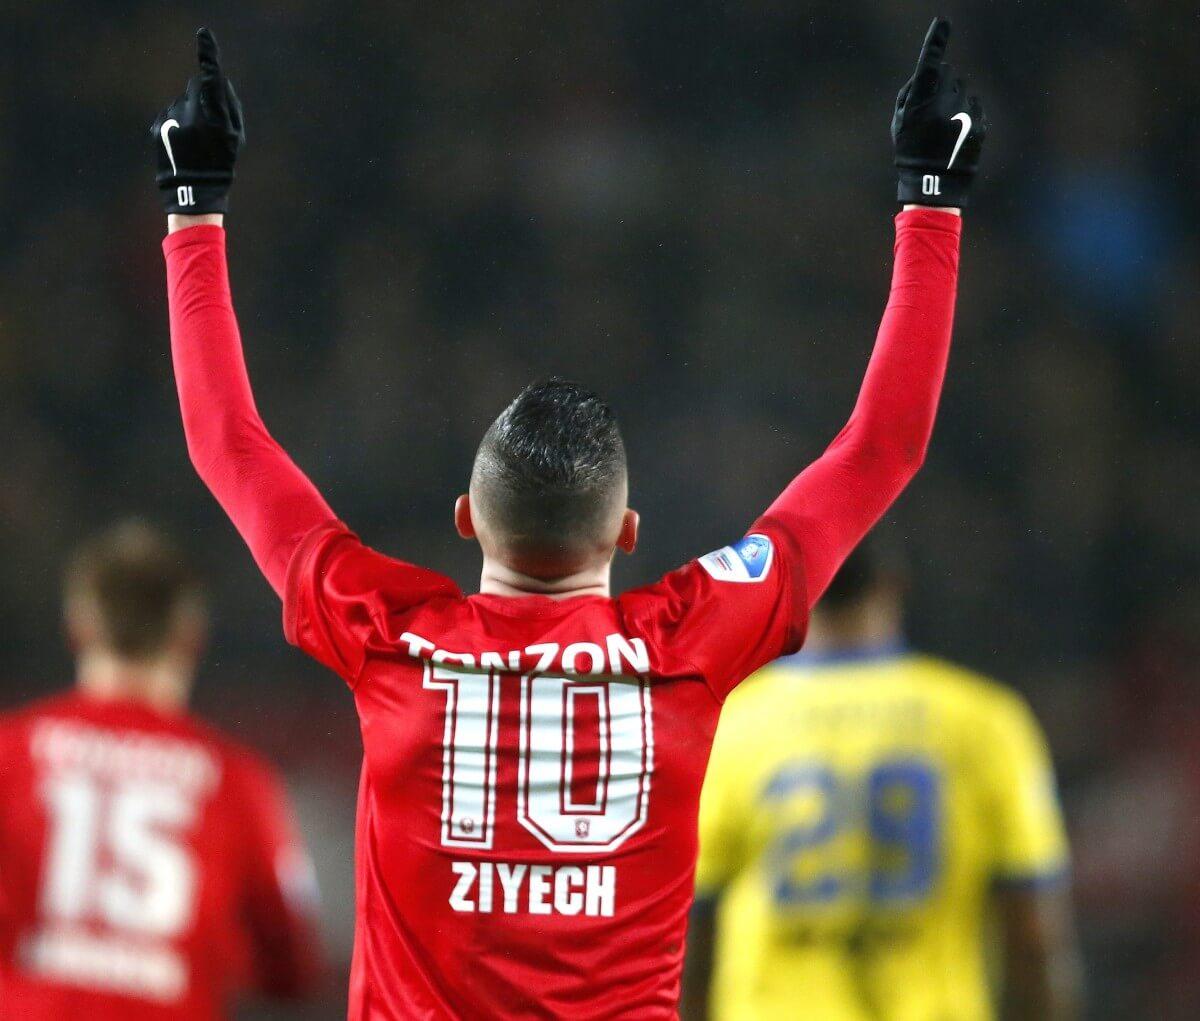 'Ziyech wordt de nieuwe Cruijf'